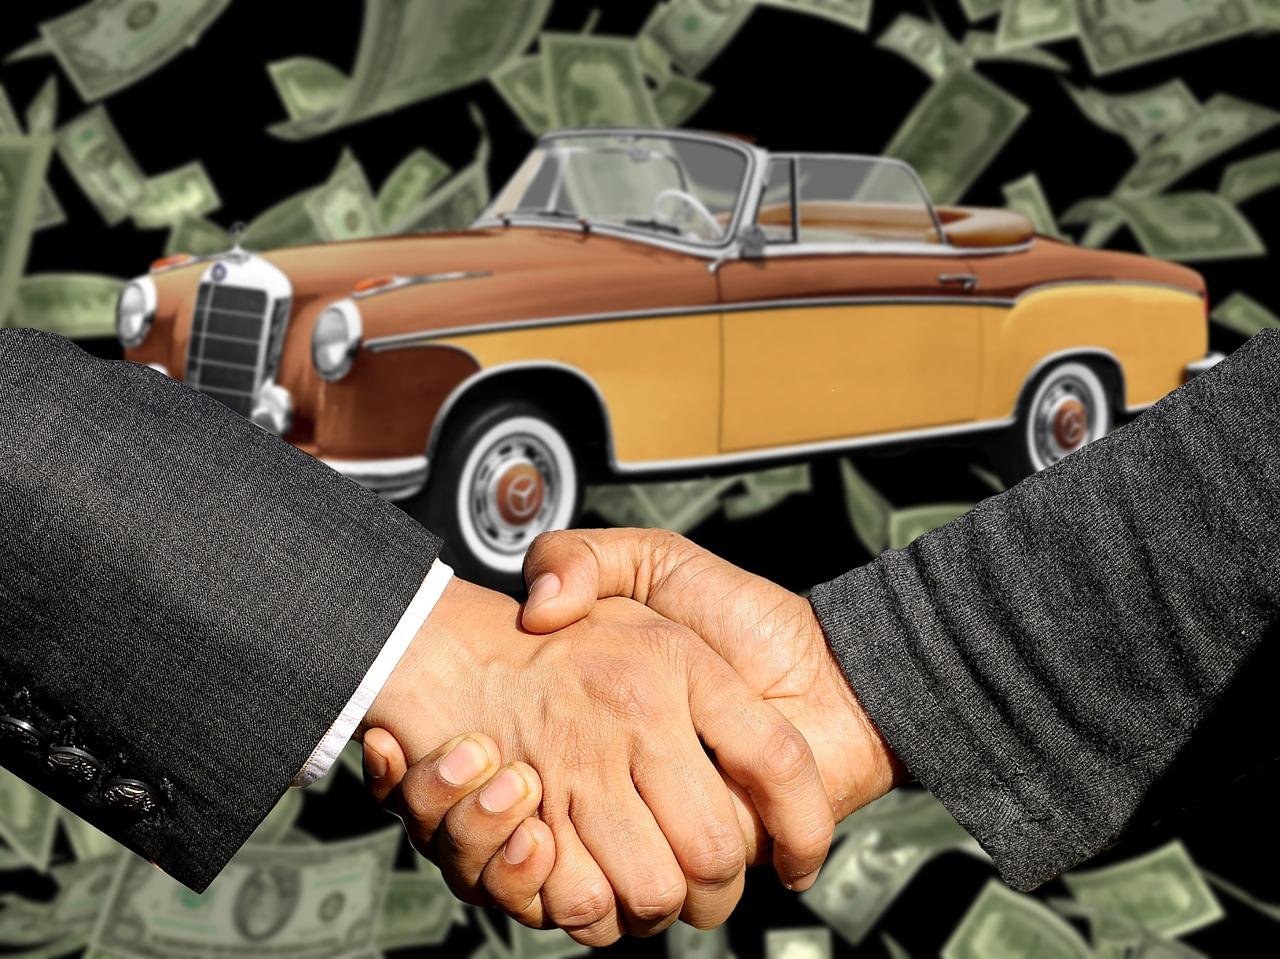 car scrapping deals